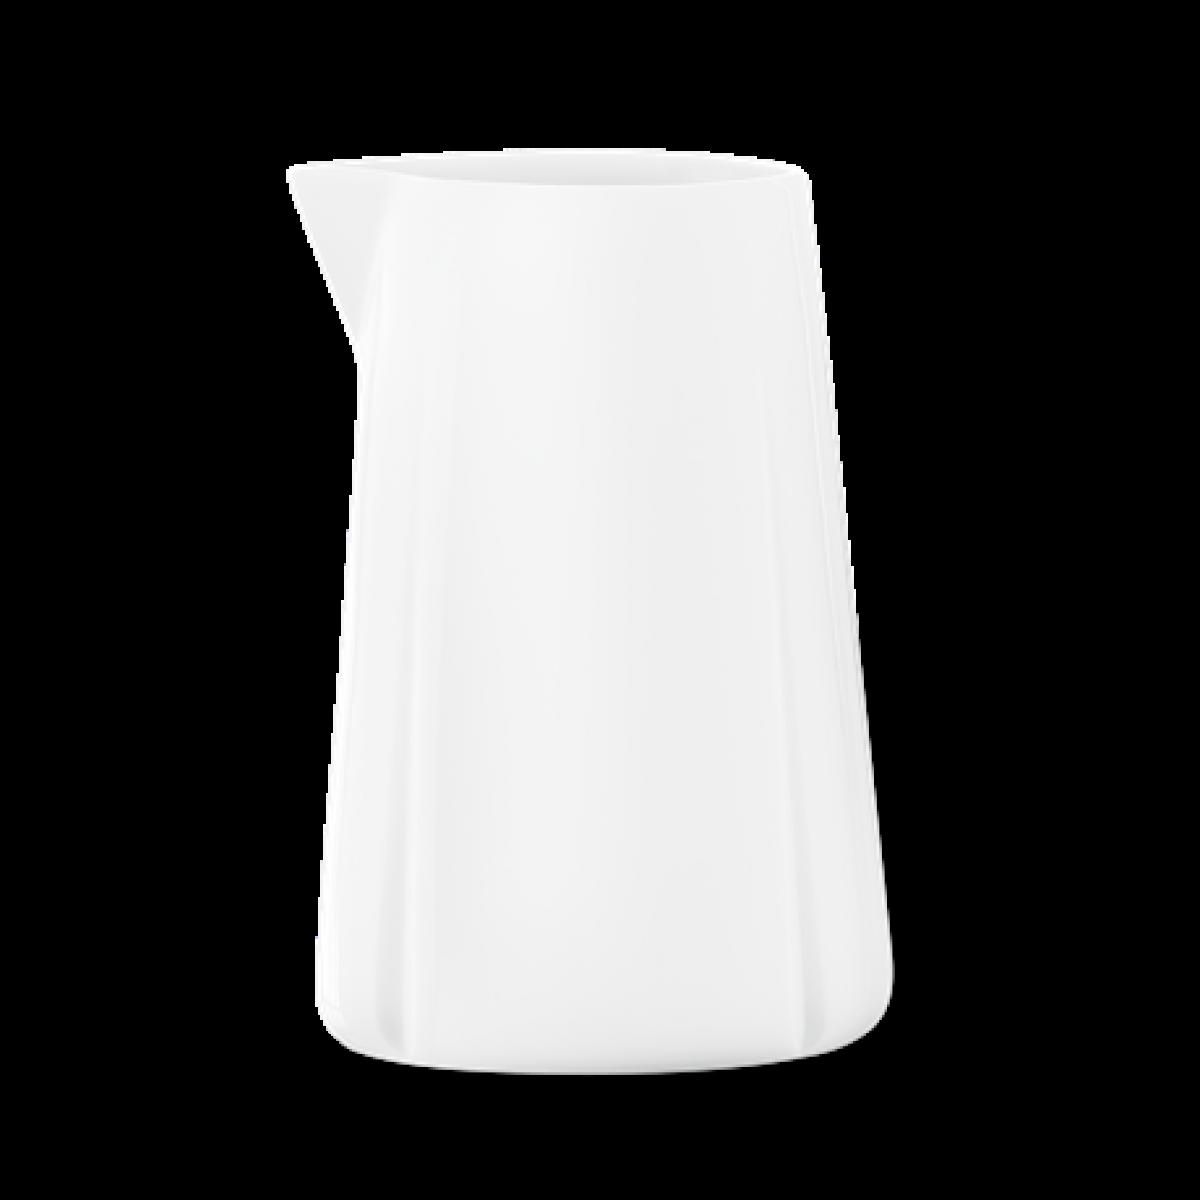 ROSENDAHL Grand Cru mælkekande 0,4 ltr.